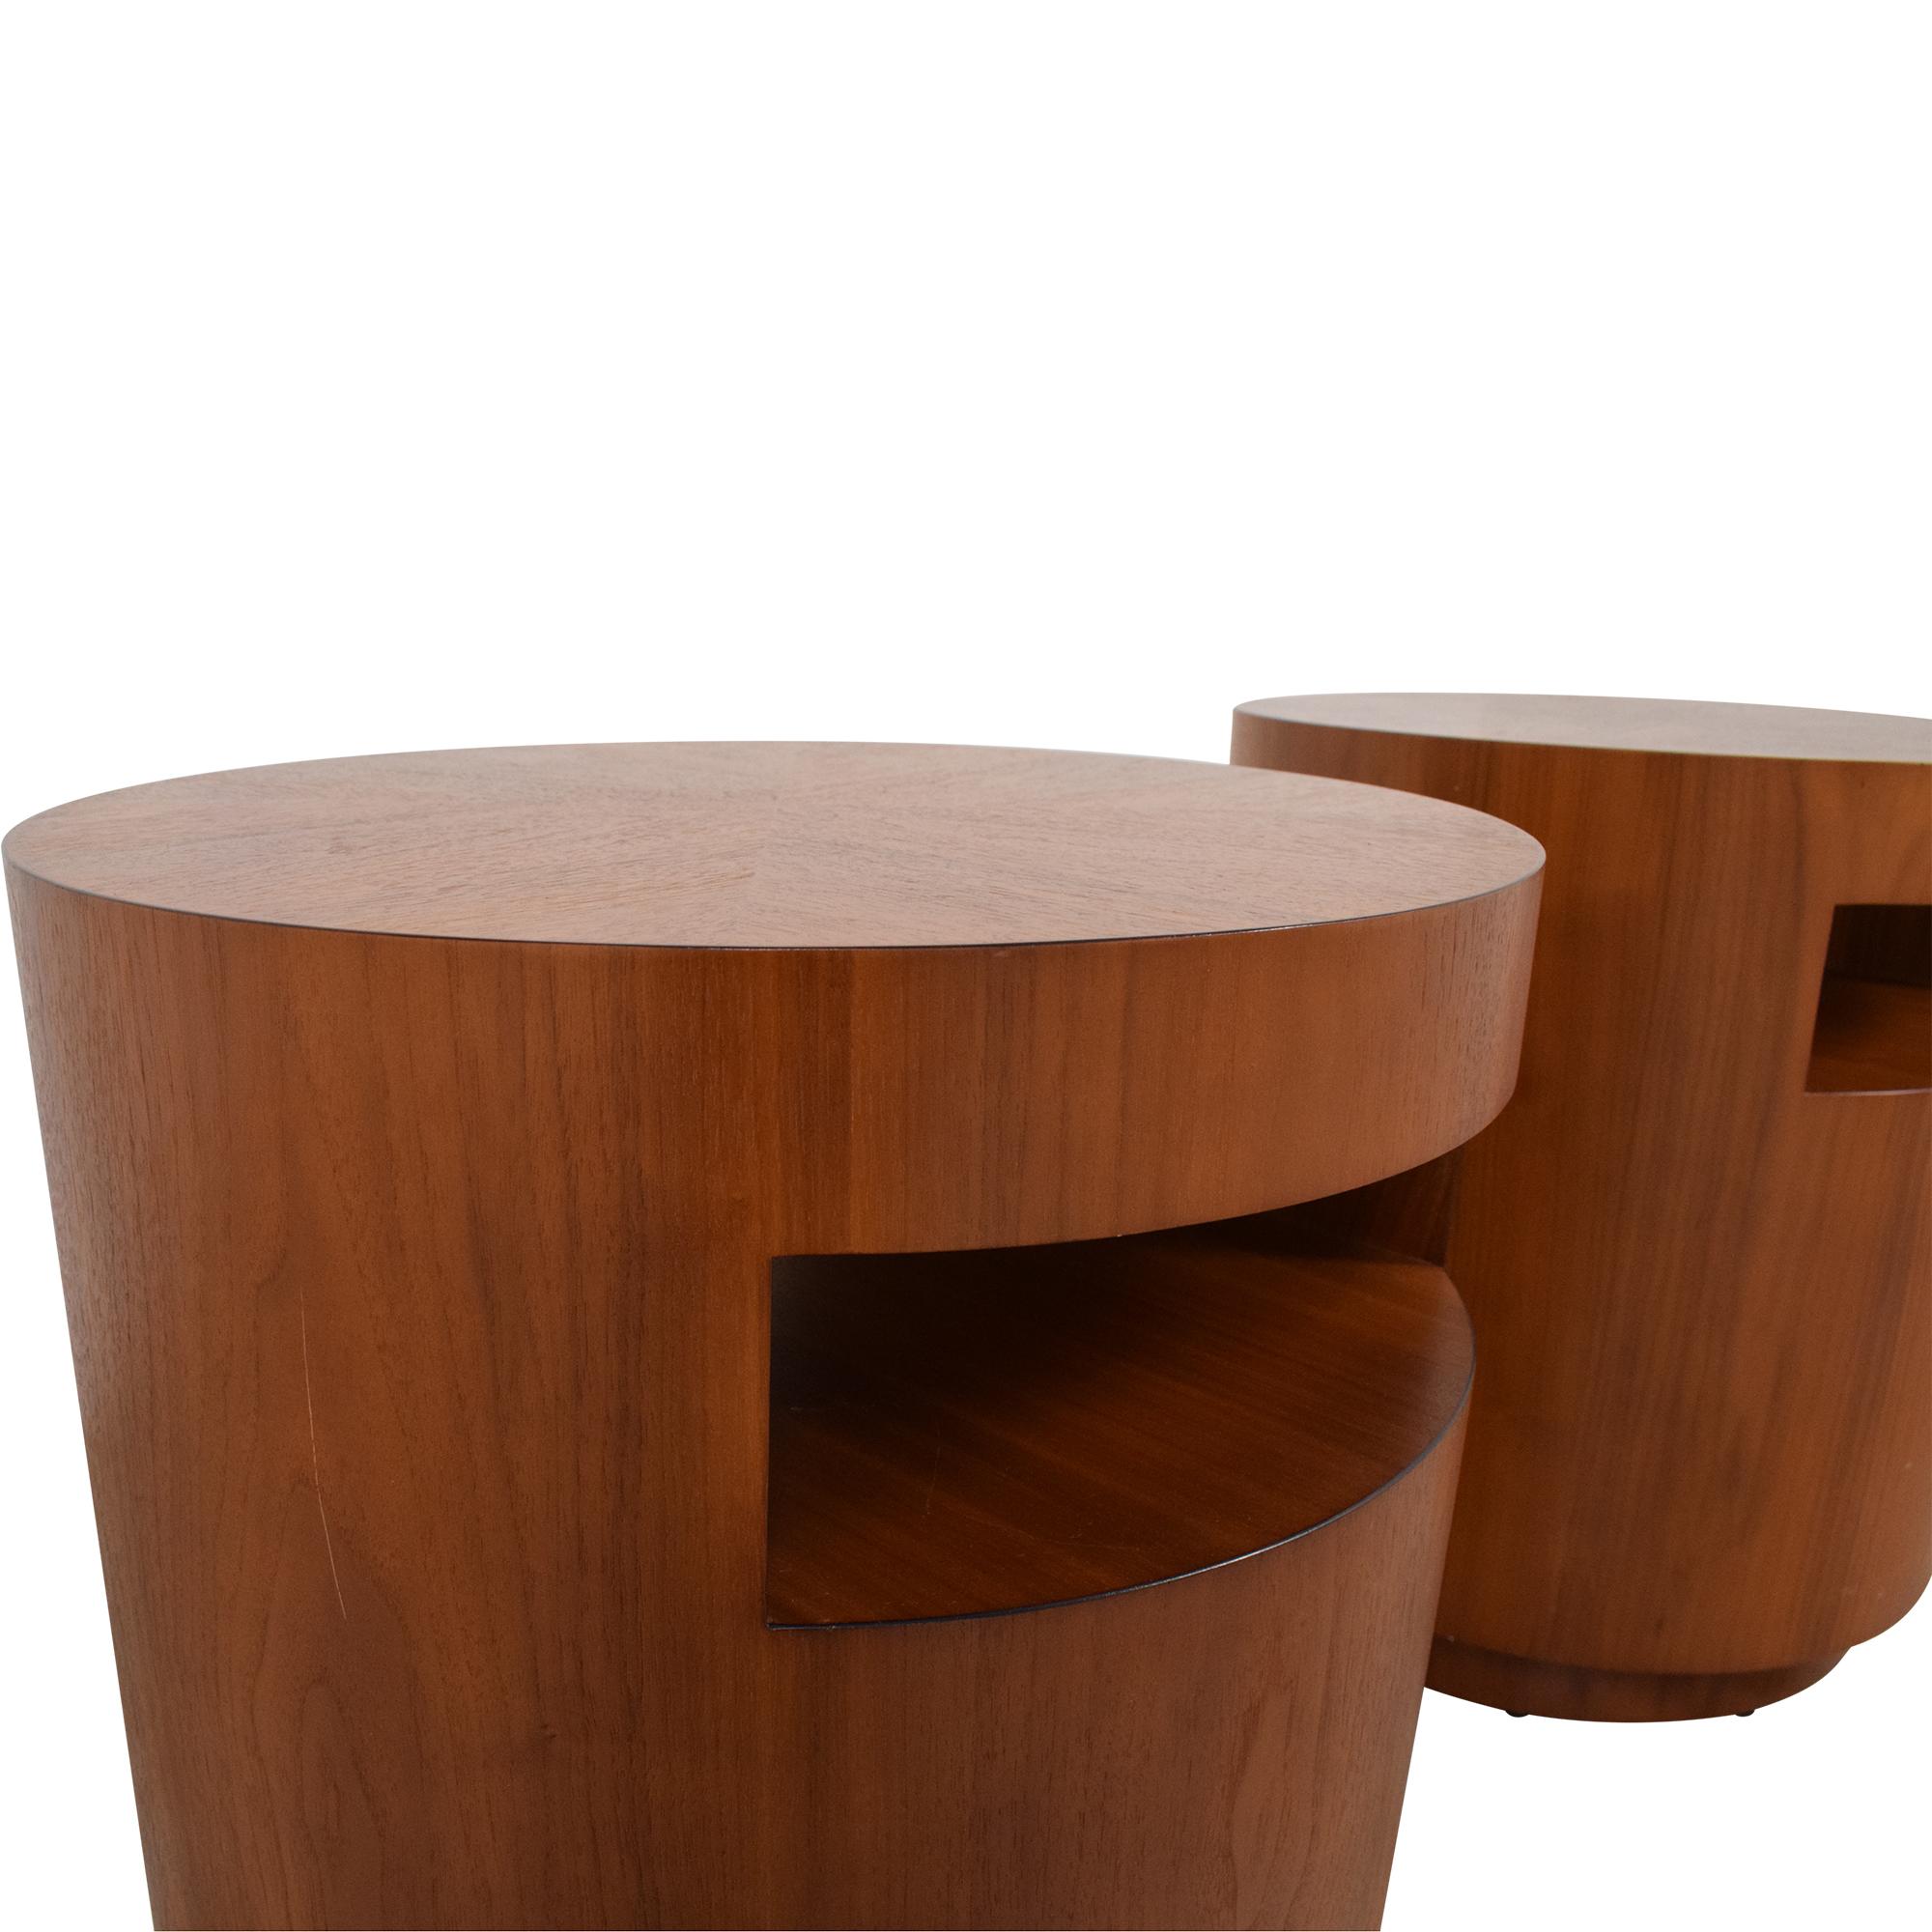 Crate & Barrel Crate & Barrel Tambe End Tables discount